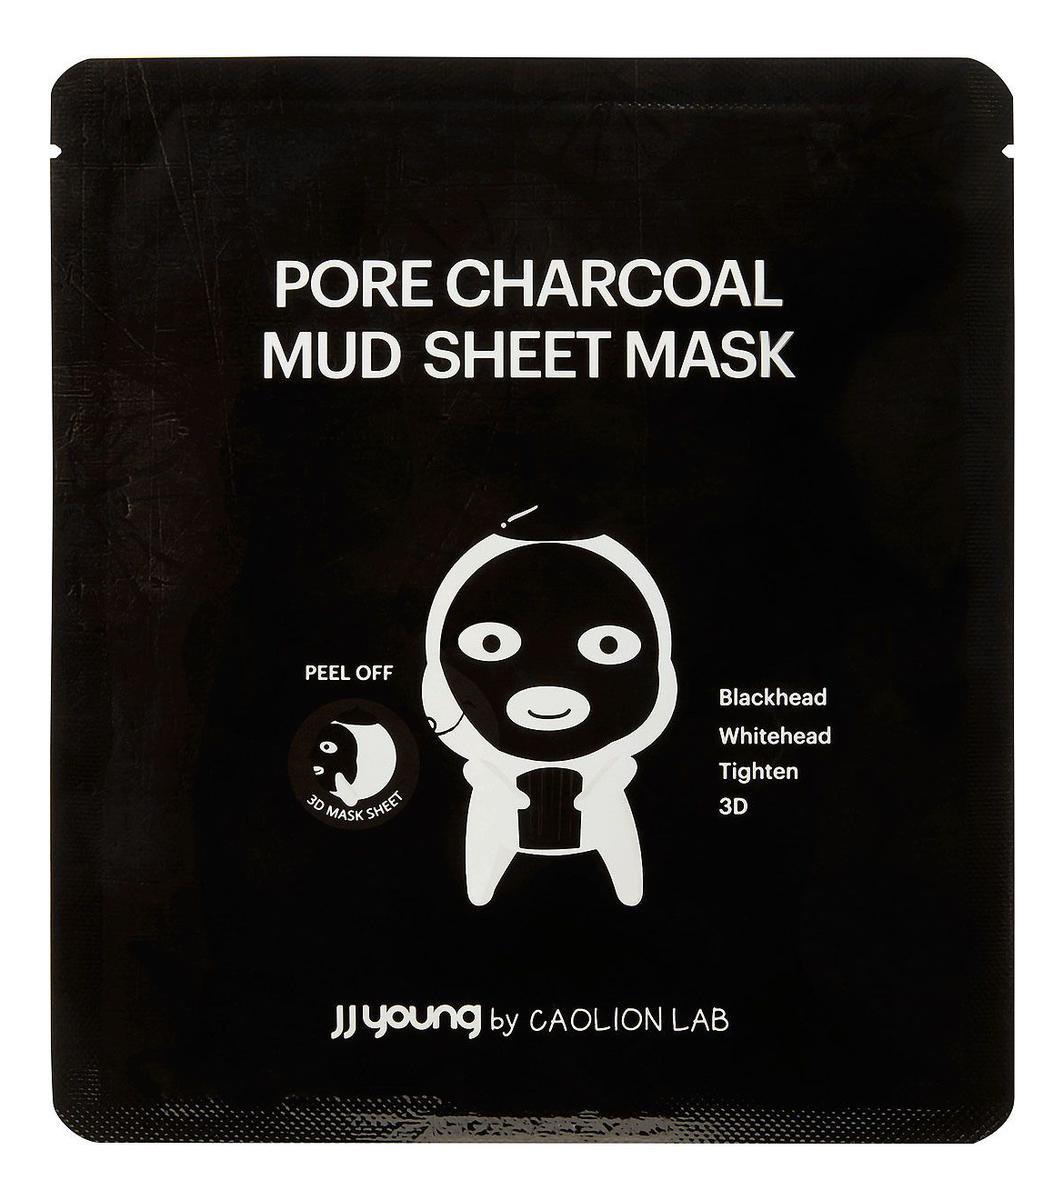 Купить Глиняная маска для лица от черных точек с экстрактом угля Pore Charcoal Mud Sheet Mask 25мл, JJ Young